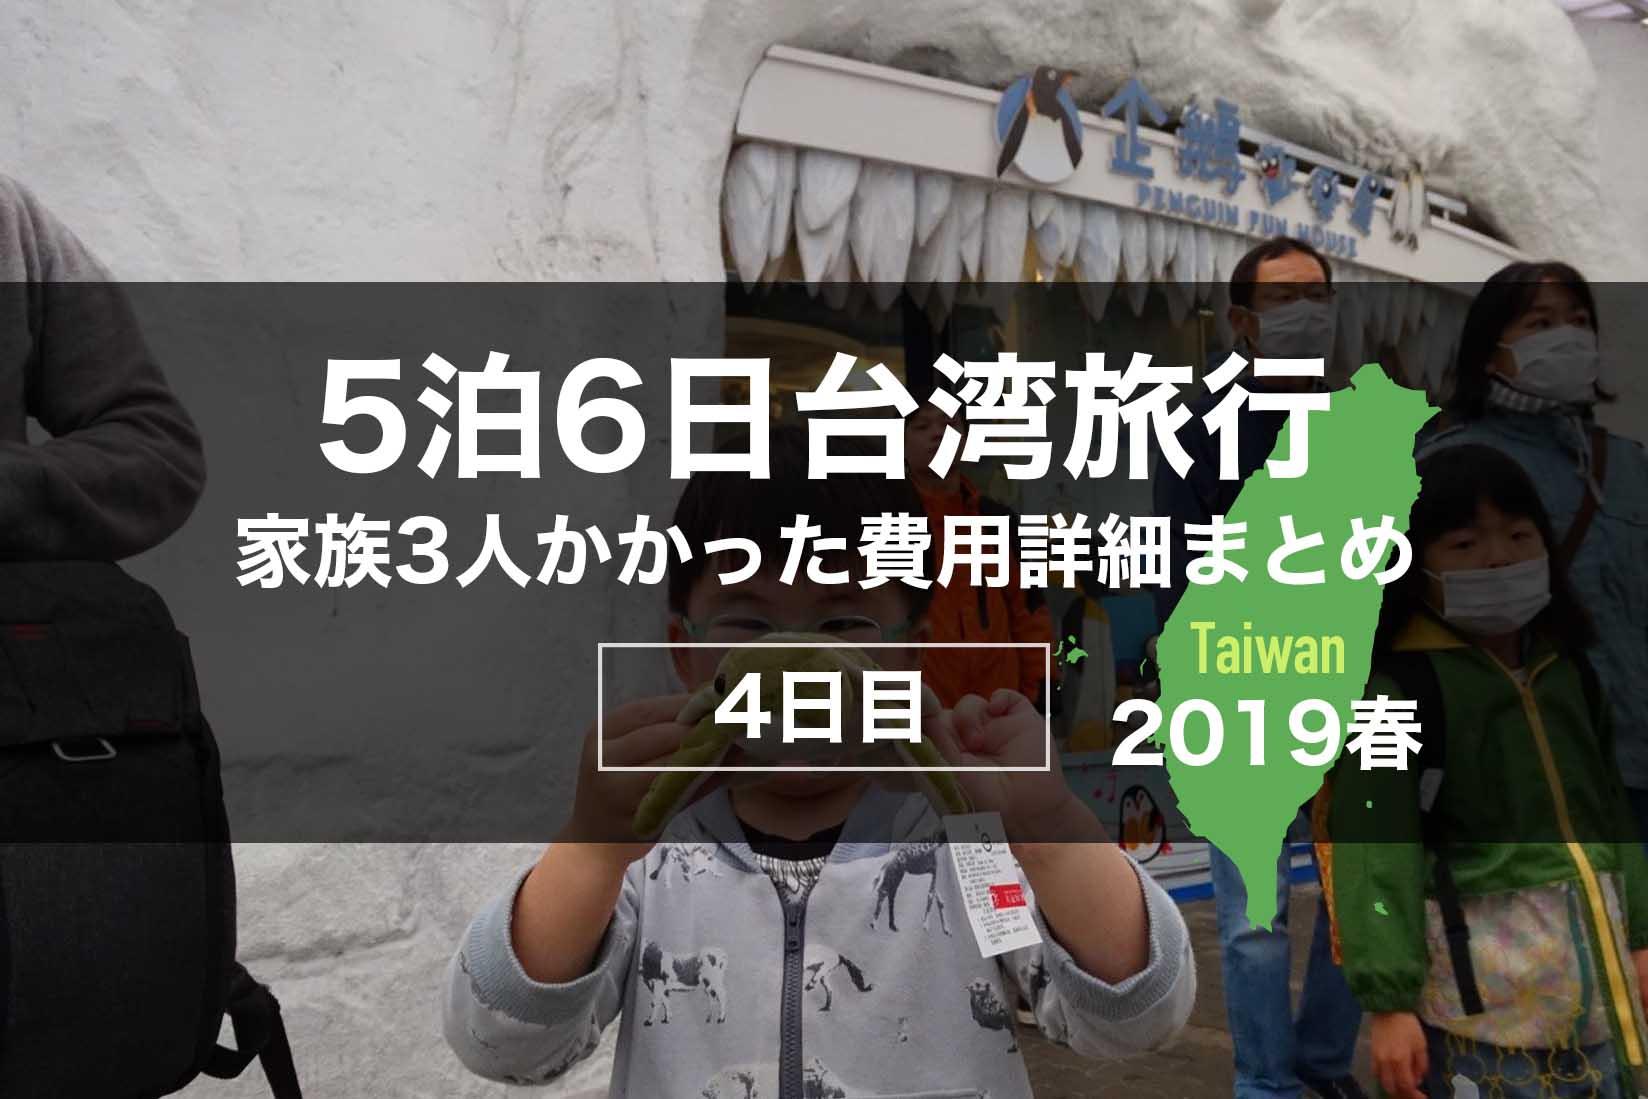 台湾旅行まとめ4日目